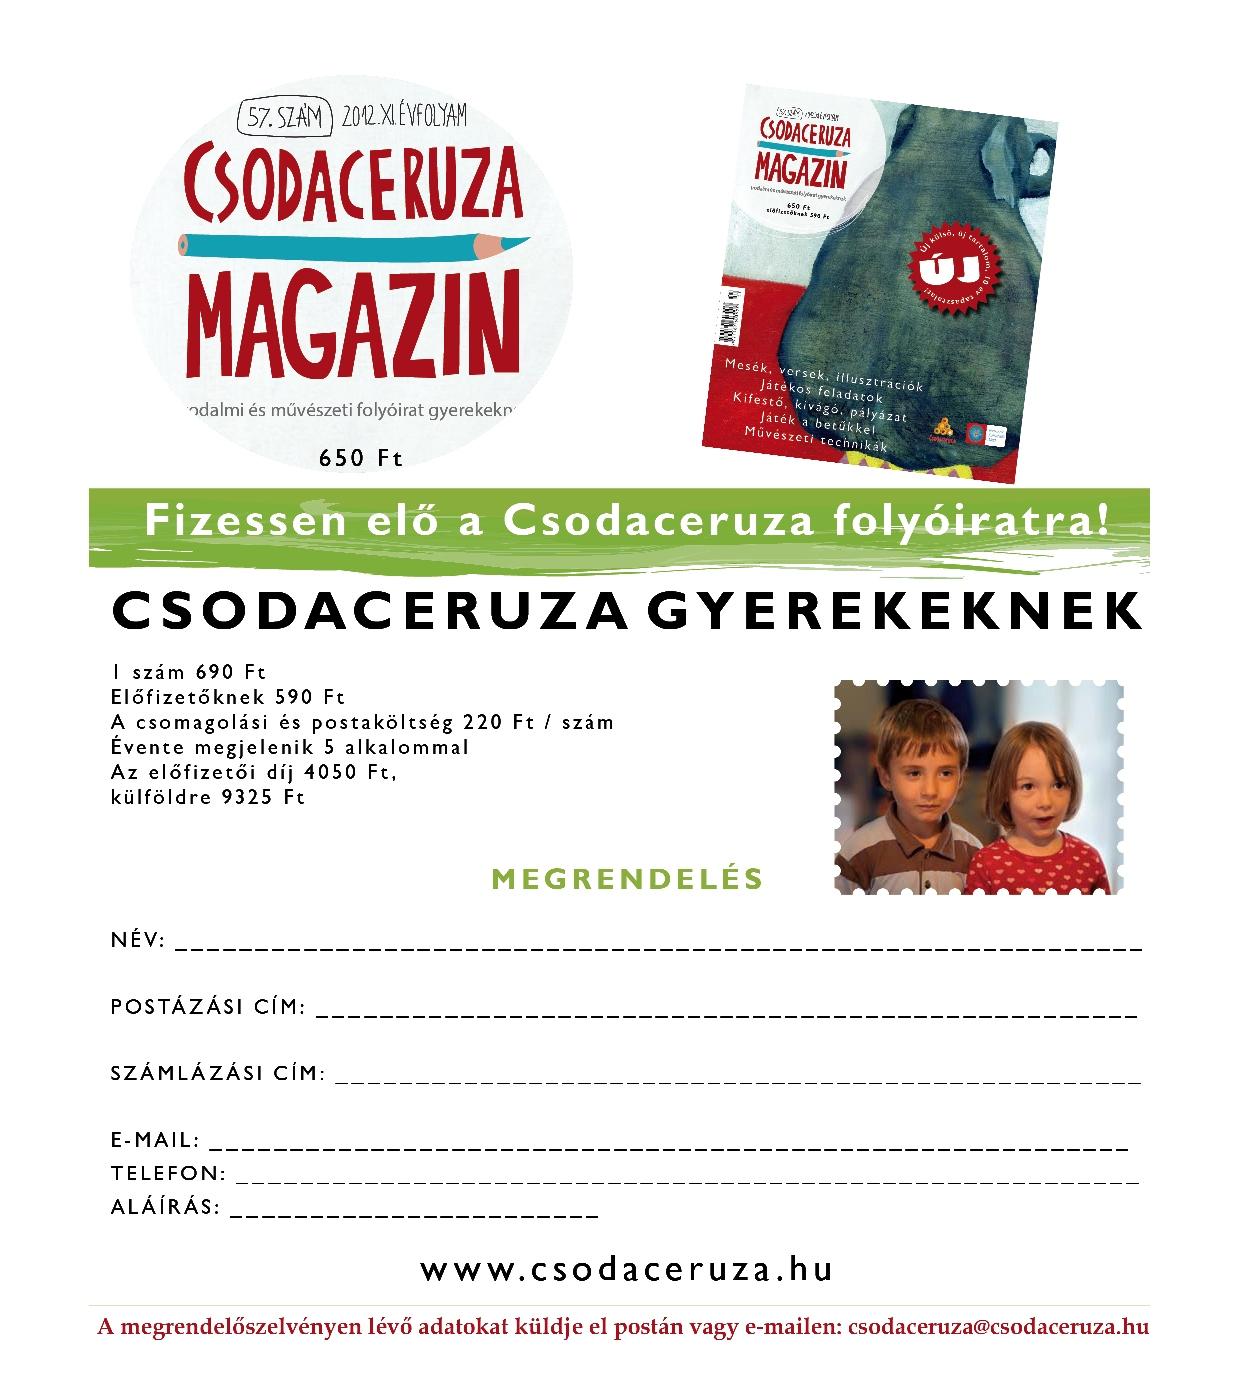 Megjelenés előtt a Csodaceruza gyerekeknek szóló száma